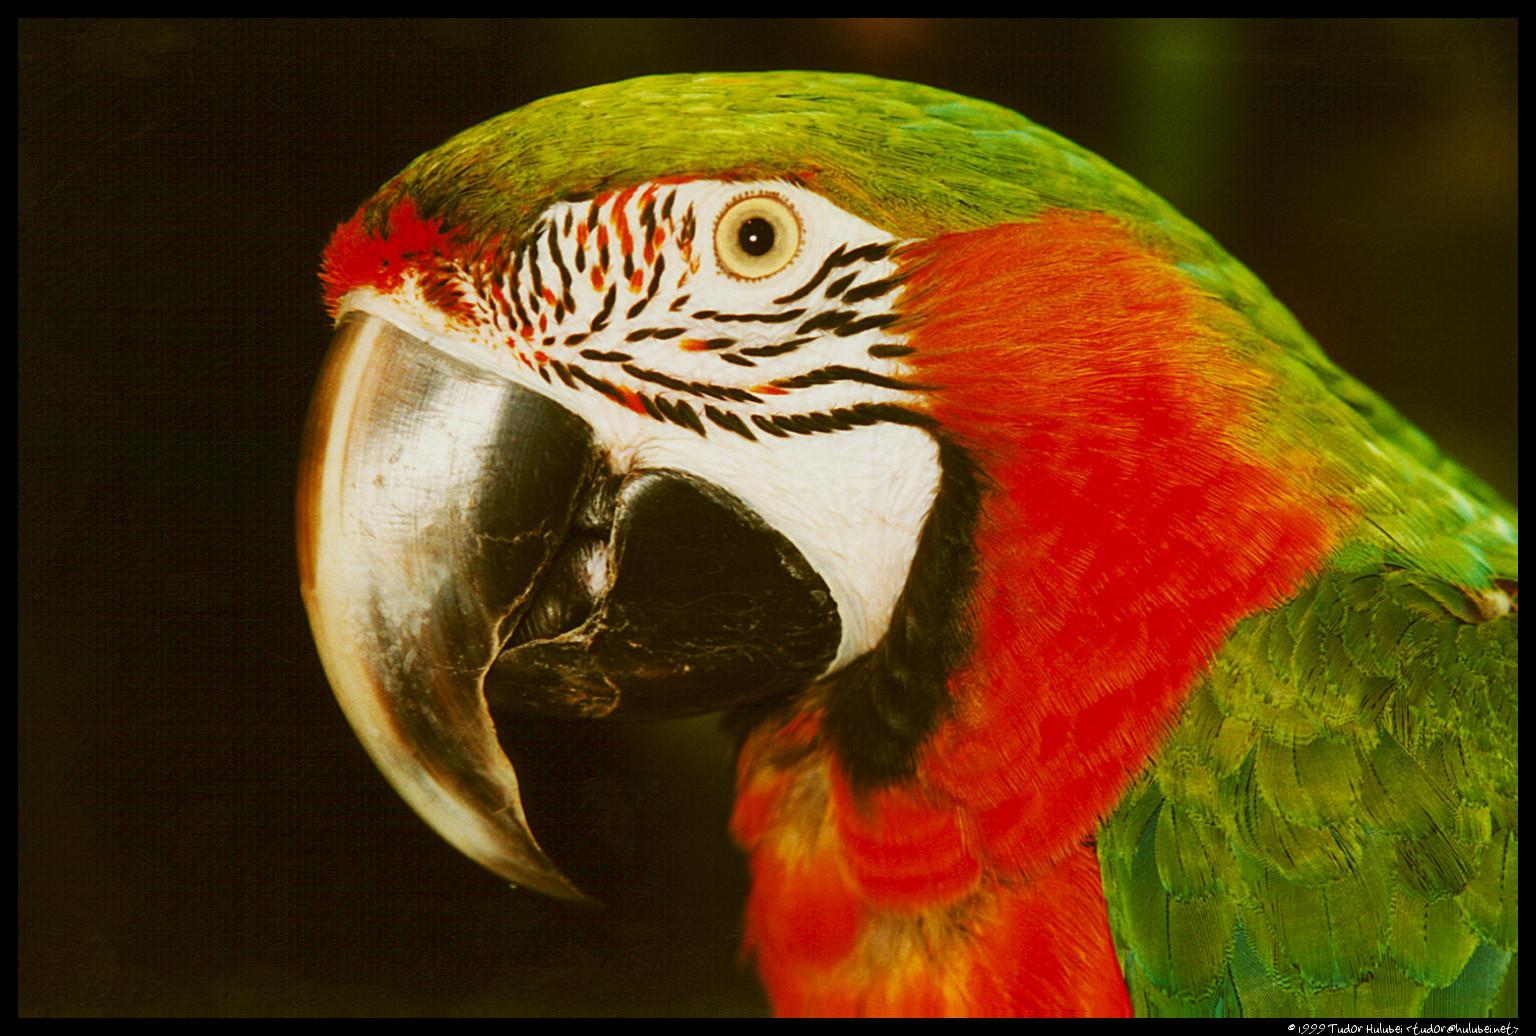 зелено-красный попугай на черном фоне, клюв, скачать фото, бесплатно